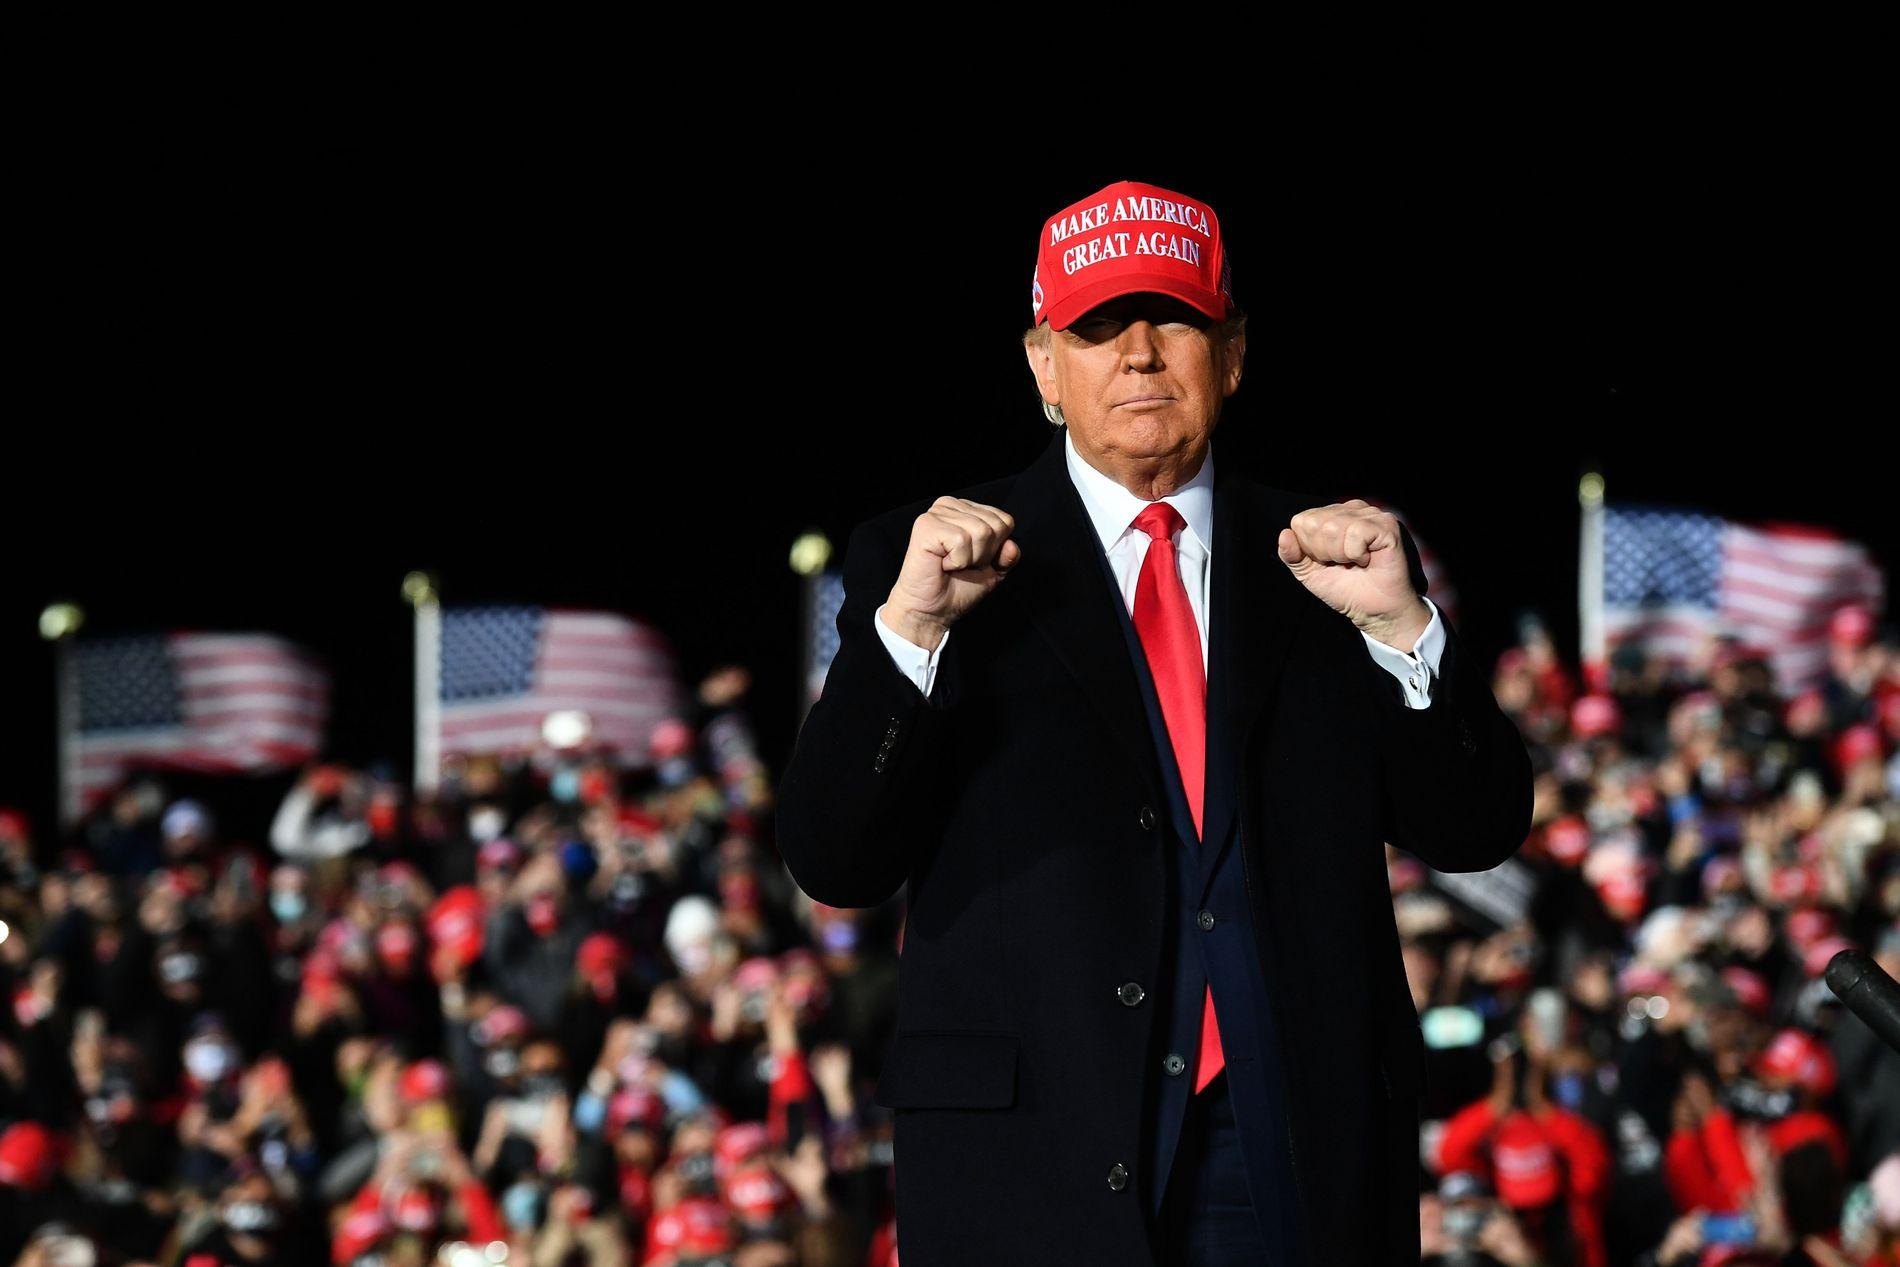 New York Times: Gjenvalg av Trump den største trusselen mot